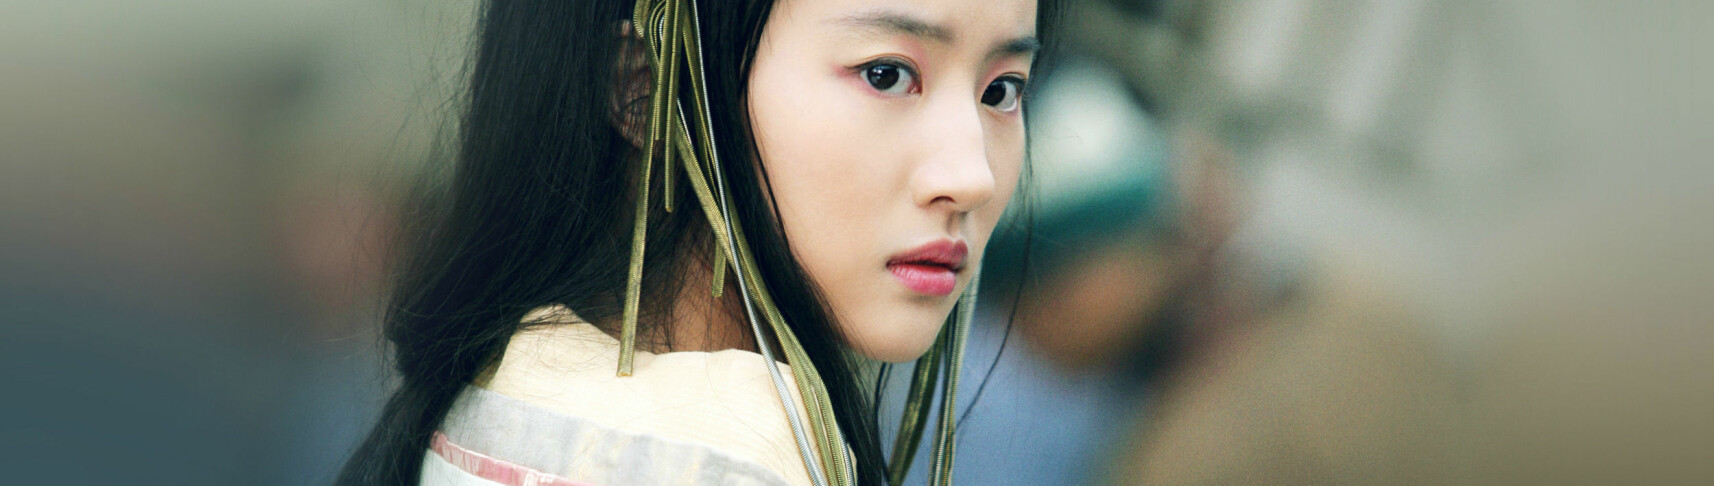 MULAN: Den kinesiske skuespilleren Liu Yifei har kapret rollen som Mulan i en ny versjon av Disney-klassikeren med samme navn. FOTO: Skjermdump